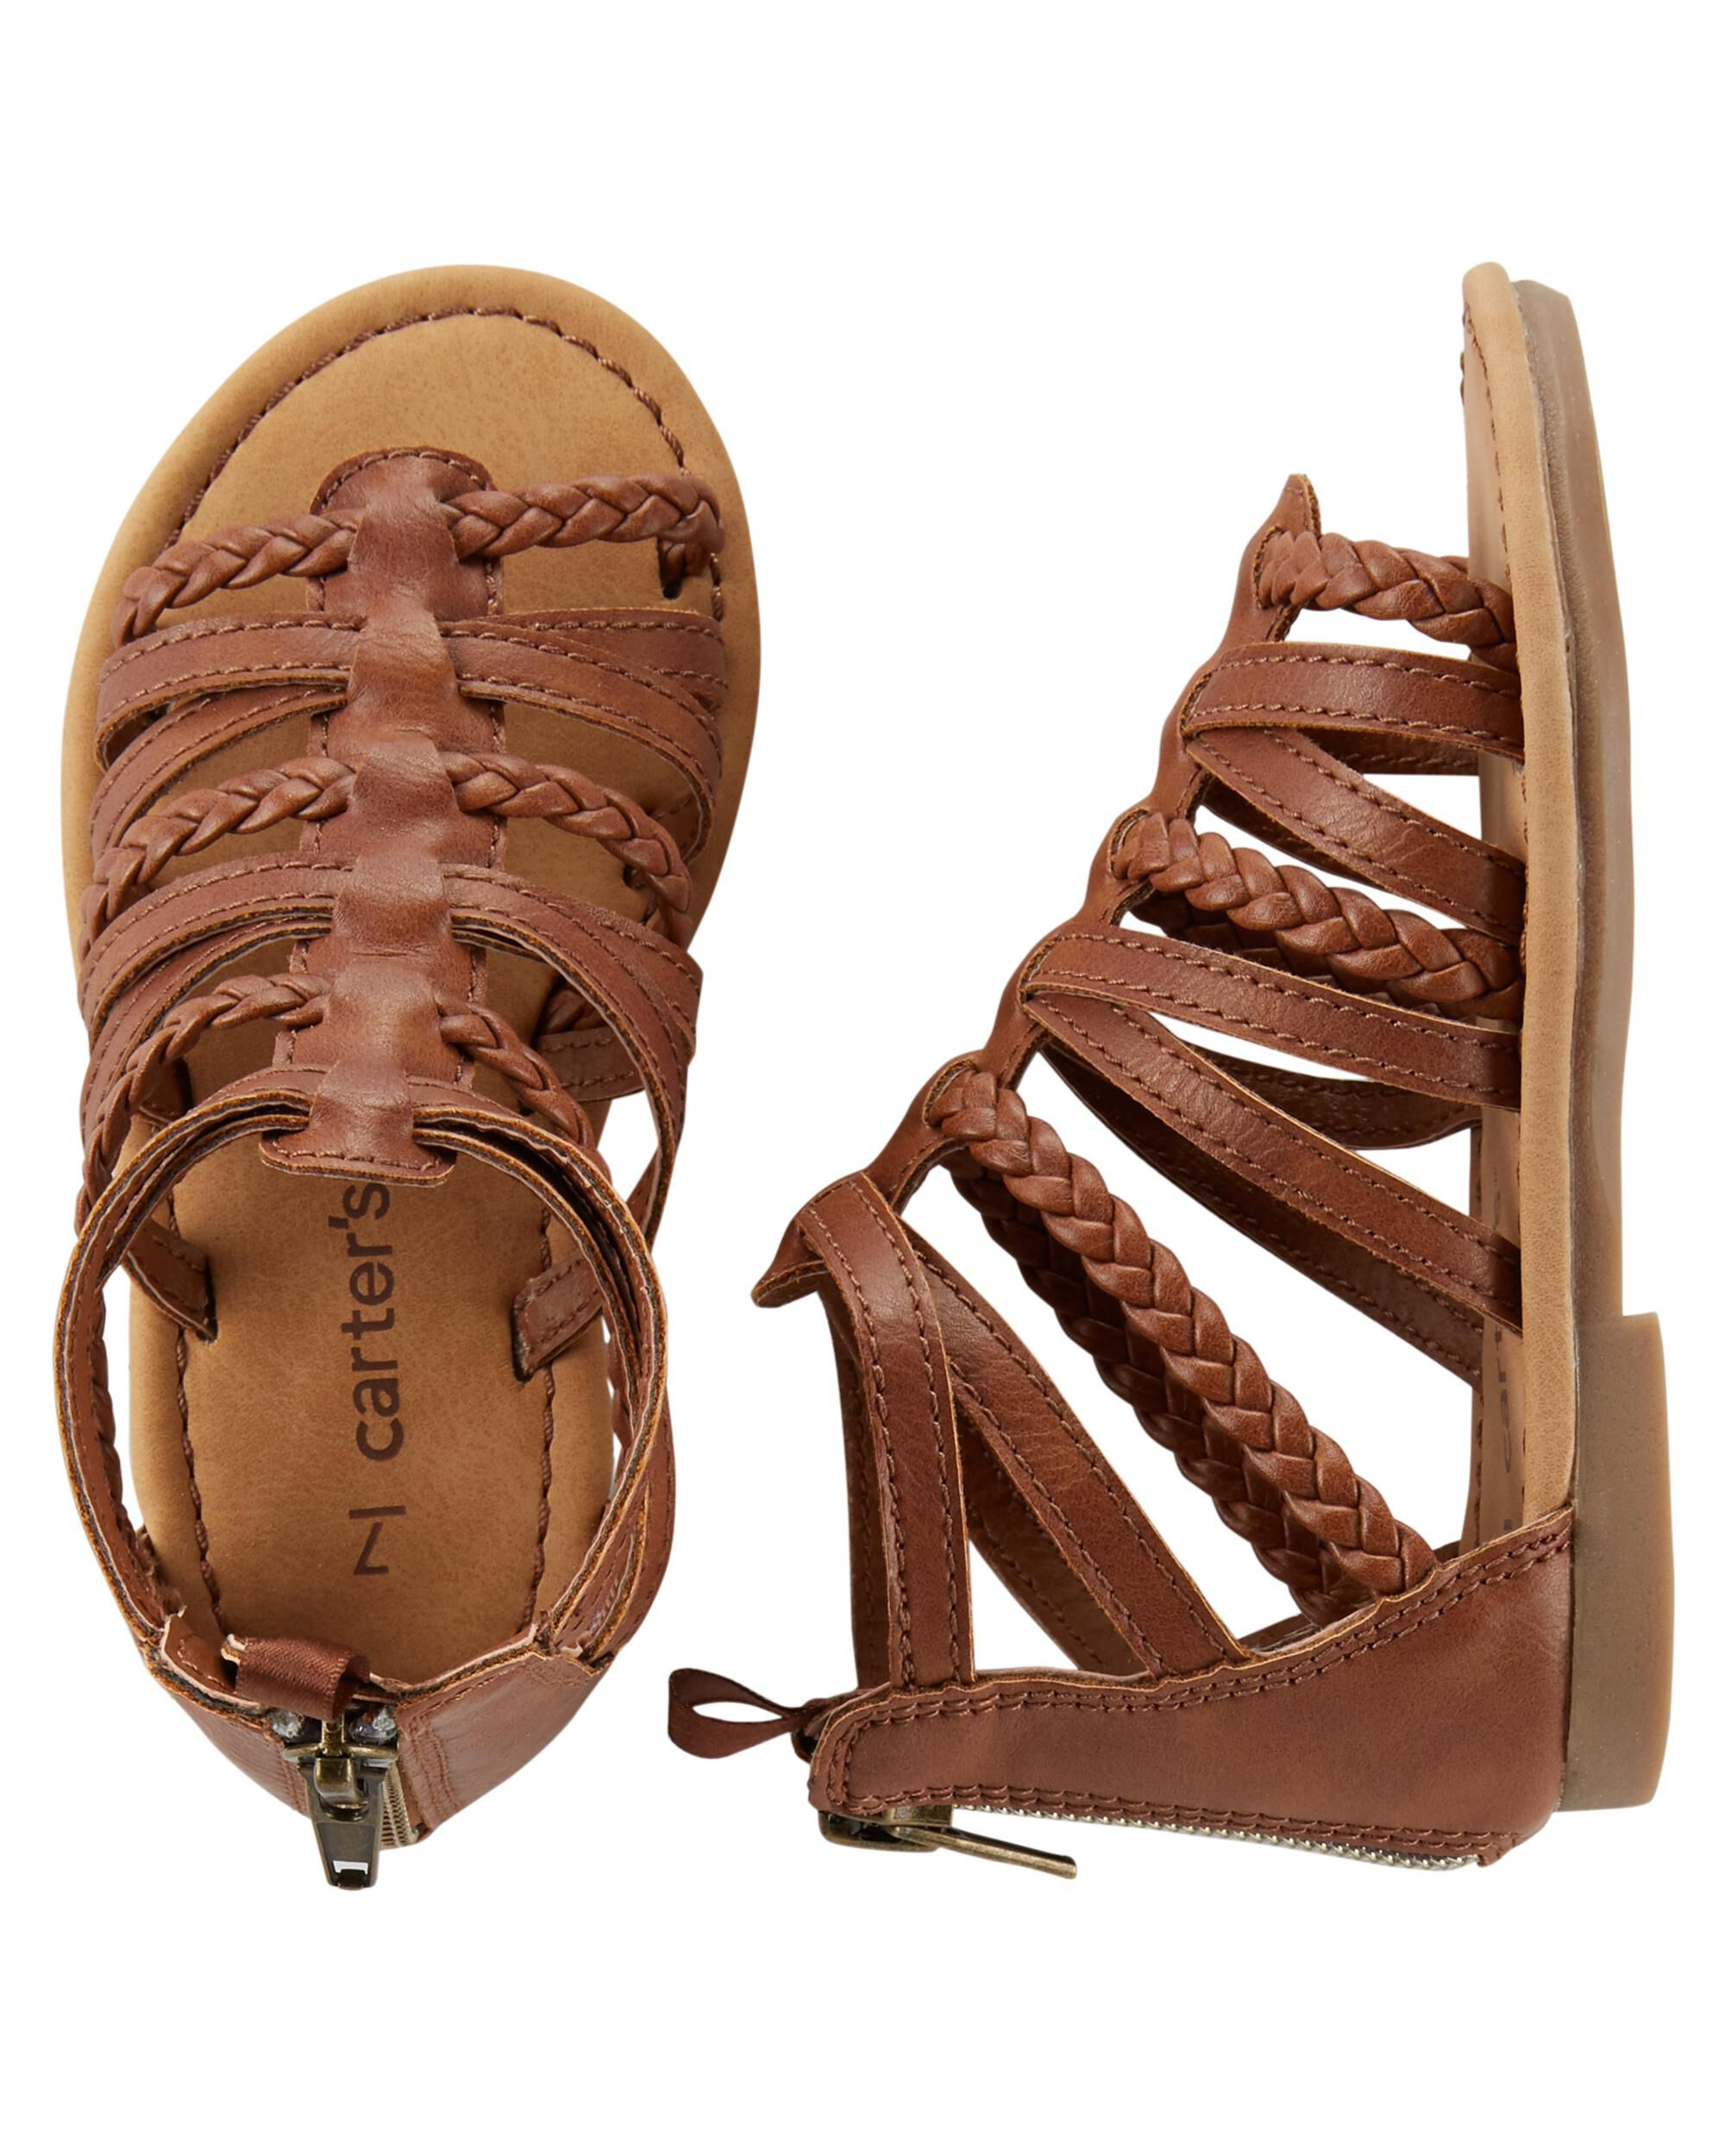 Carter's Gladiator Sandals